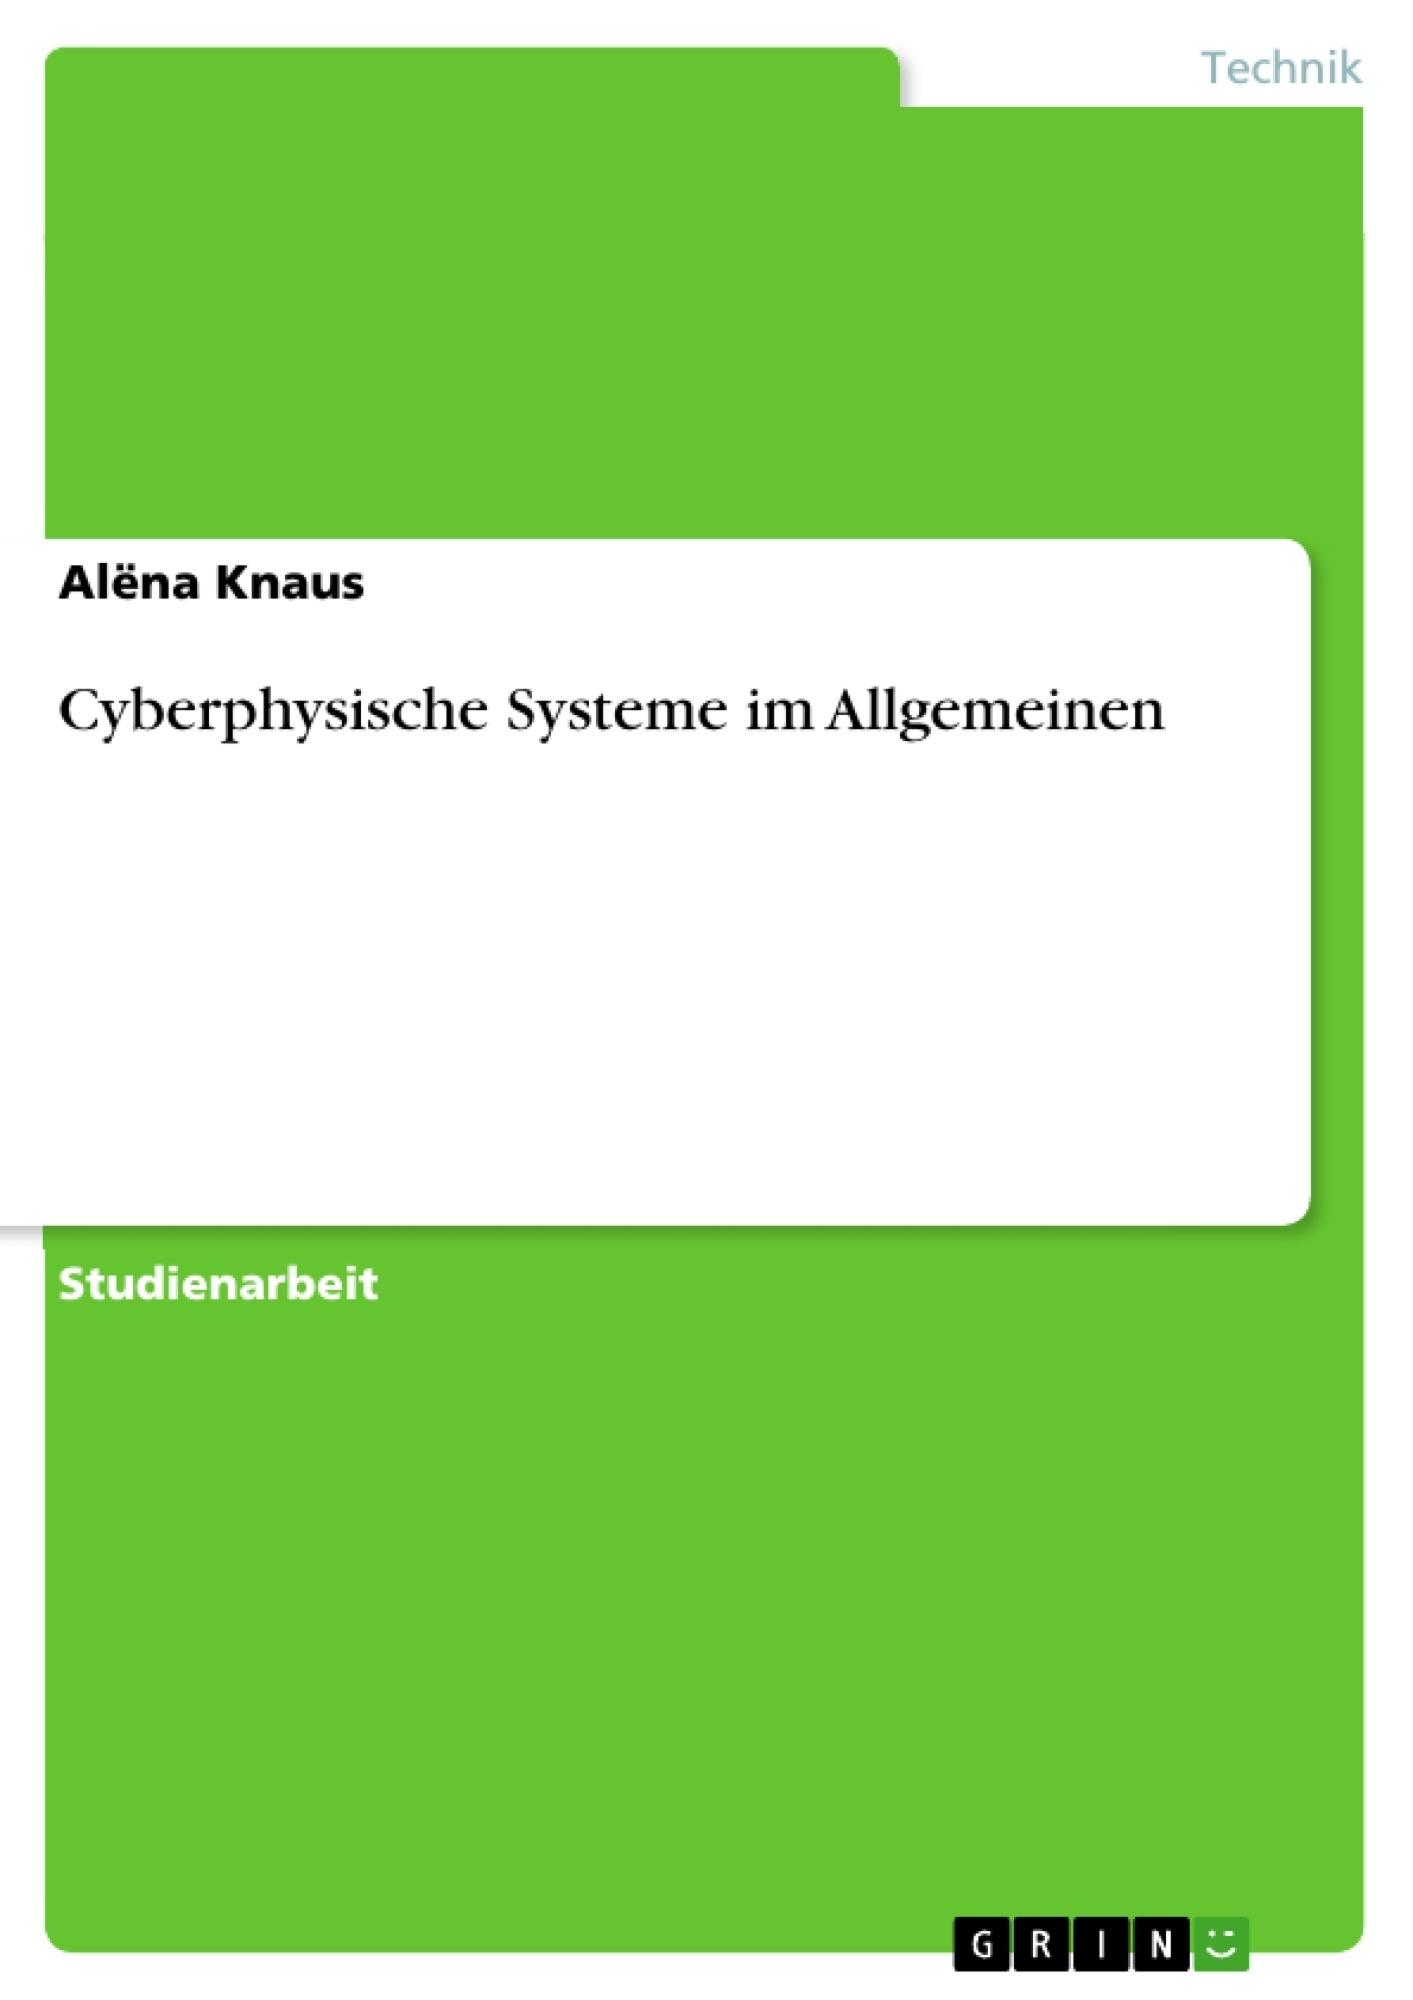 Titel: Cyberphysische Systeme im Allgemeinen